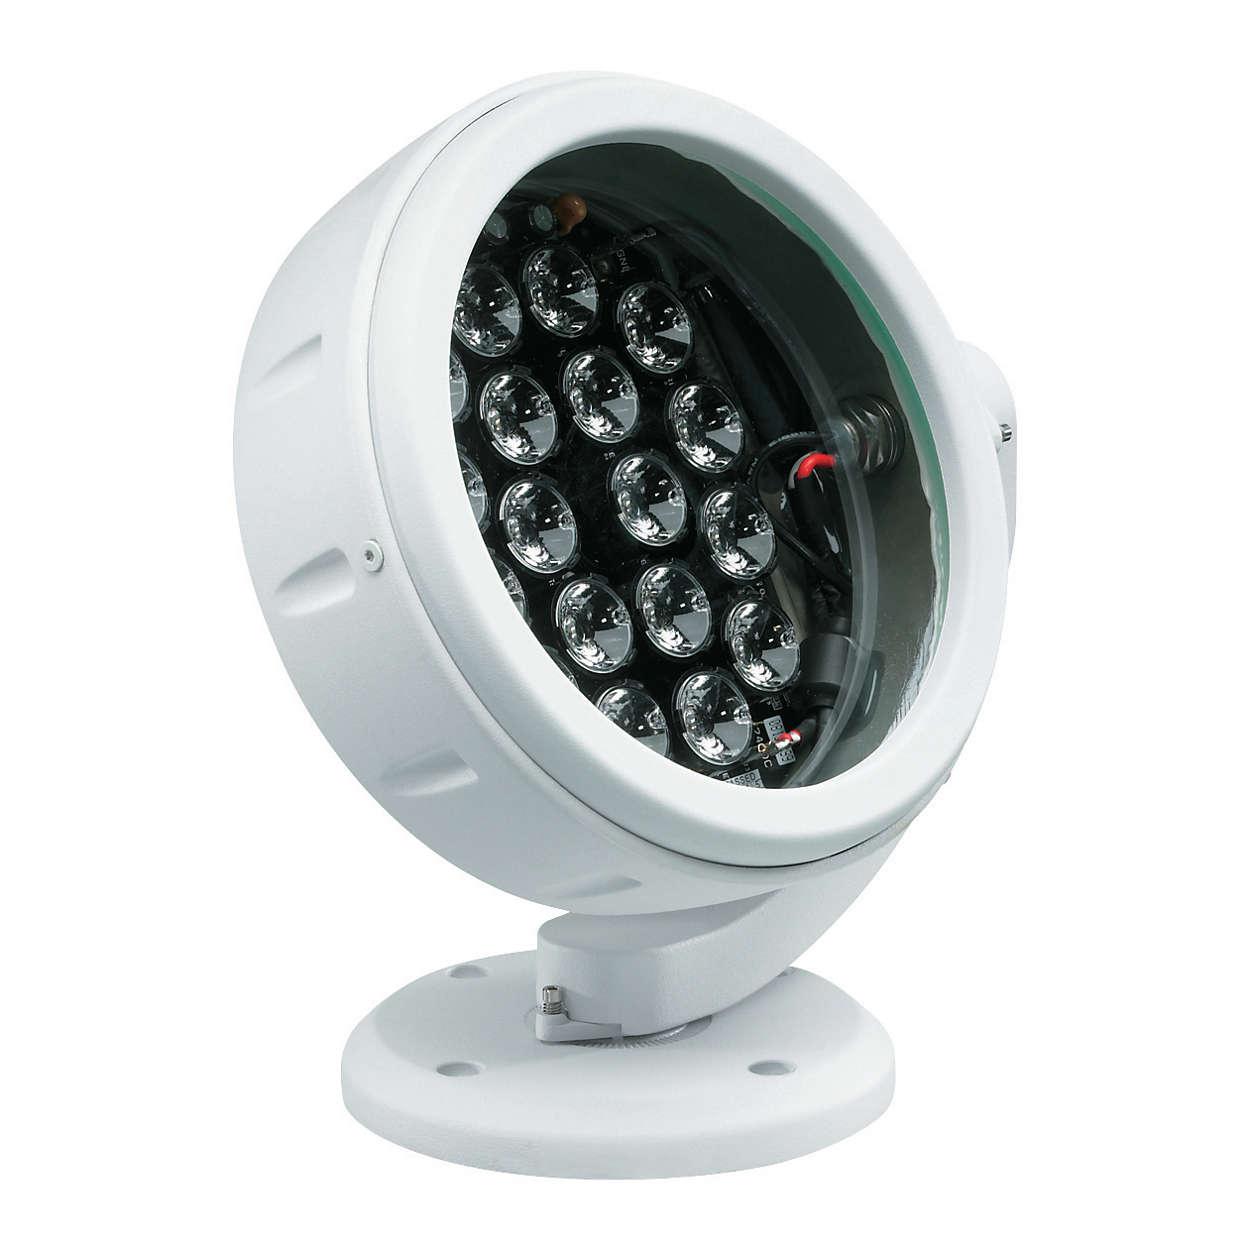 ColorBlast 6 – 실내 및 실외 겸용의 색상 변화 LED 스포트라이트(원형)